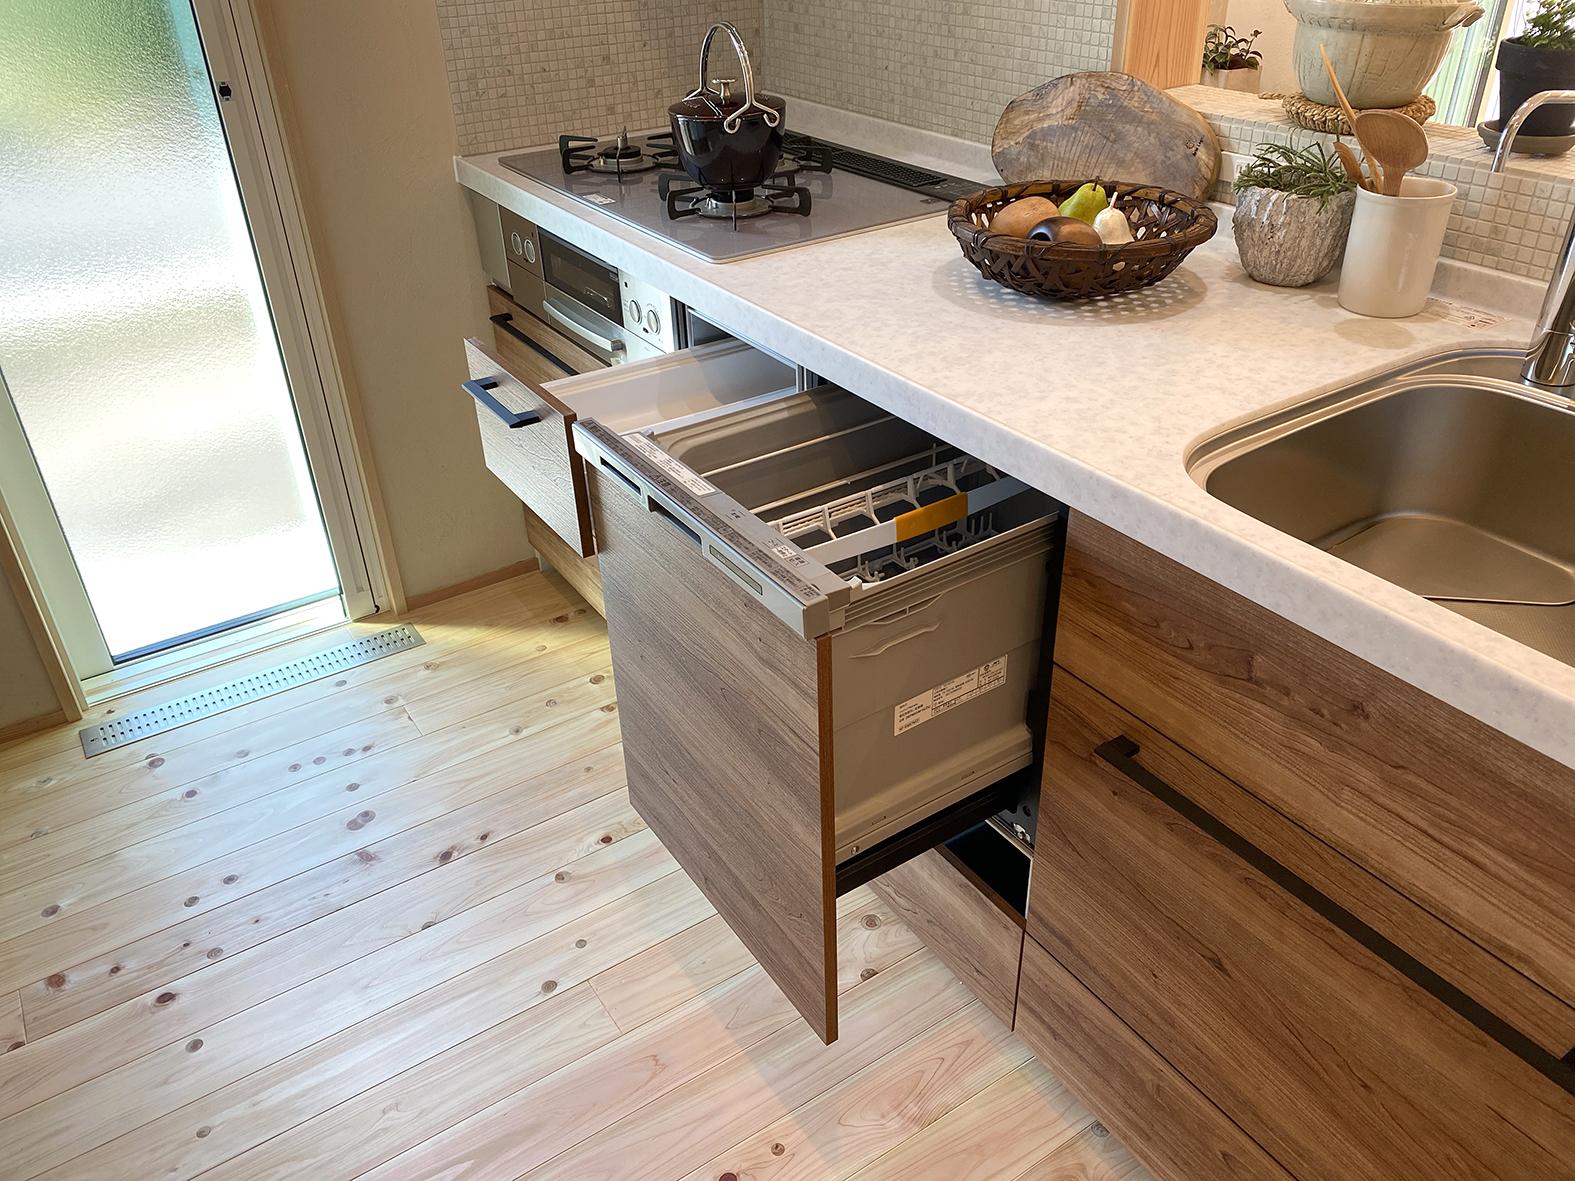 食器乾燥機付きキッチン